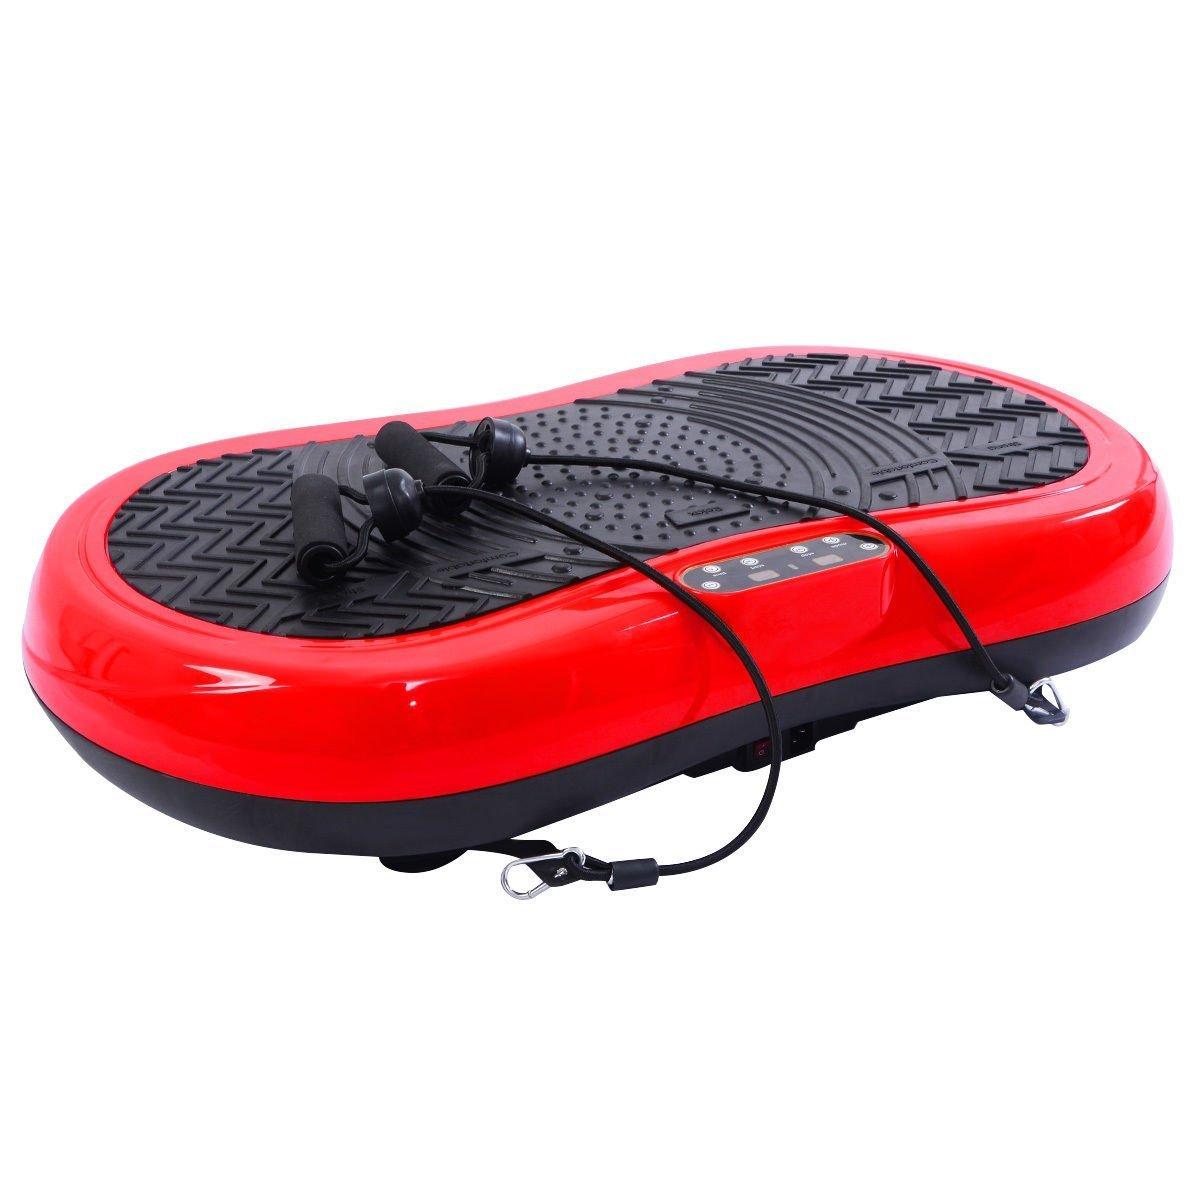 Tangkula Ultrathin Mini Crazy Fit Vibration Platform Massage Machine Fitness Gym (Red) by Tangkula (Image #1)